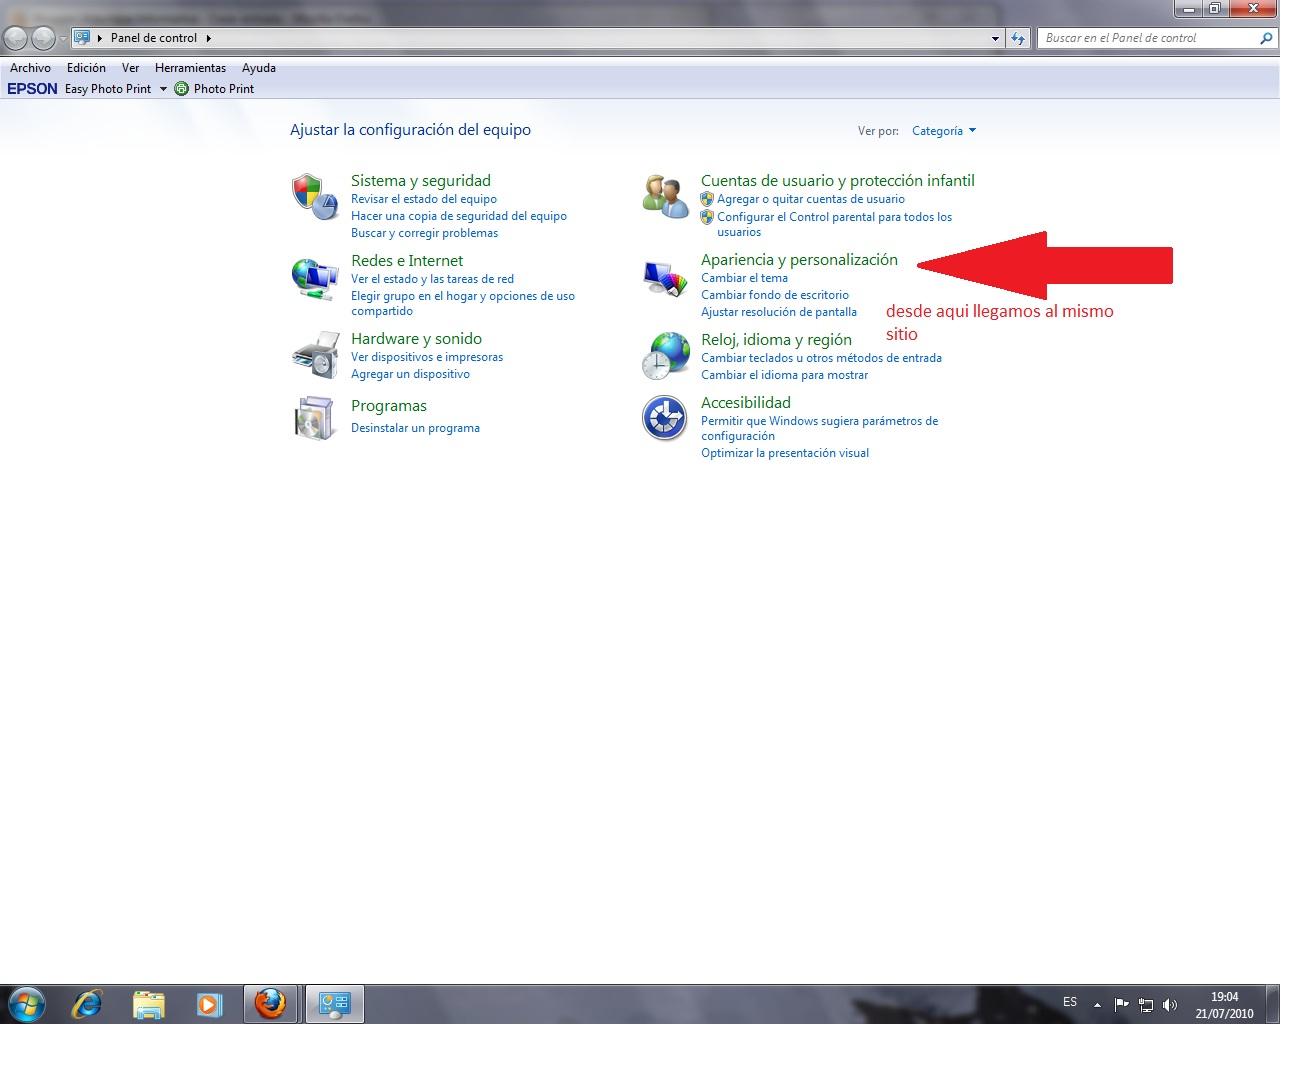 Windows 7 Starter No Permite Cambiar El Wallpaper Fondo De Pantalla